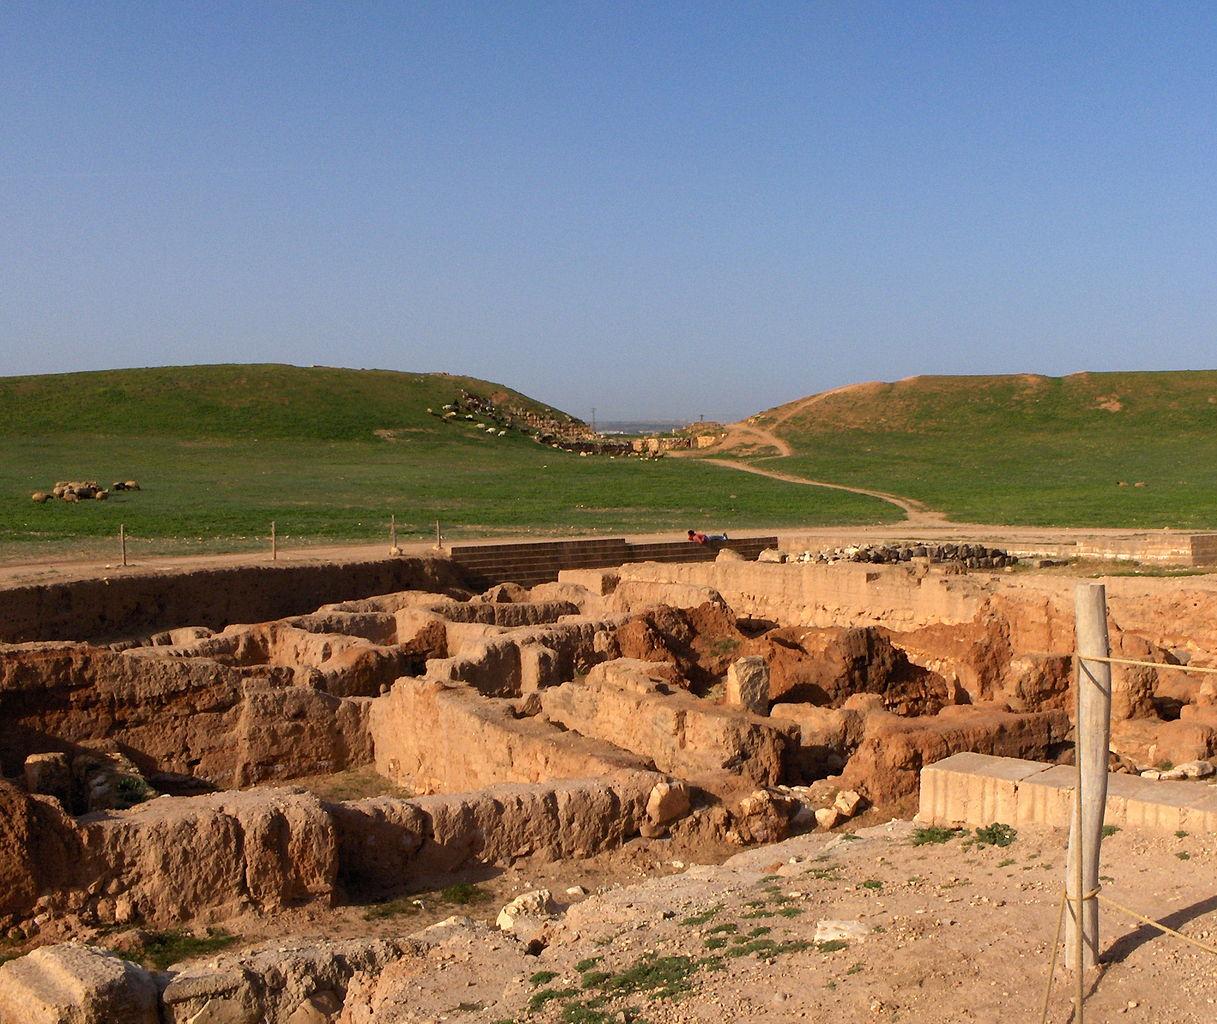 Premier plan: ruines du quartier sud. En arrière-plan, les ruines de l'enceinte extérieure d'Ebla et de la «porte de Damas».